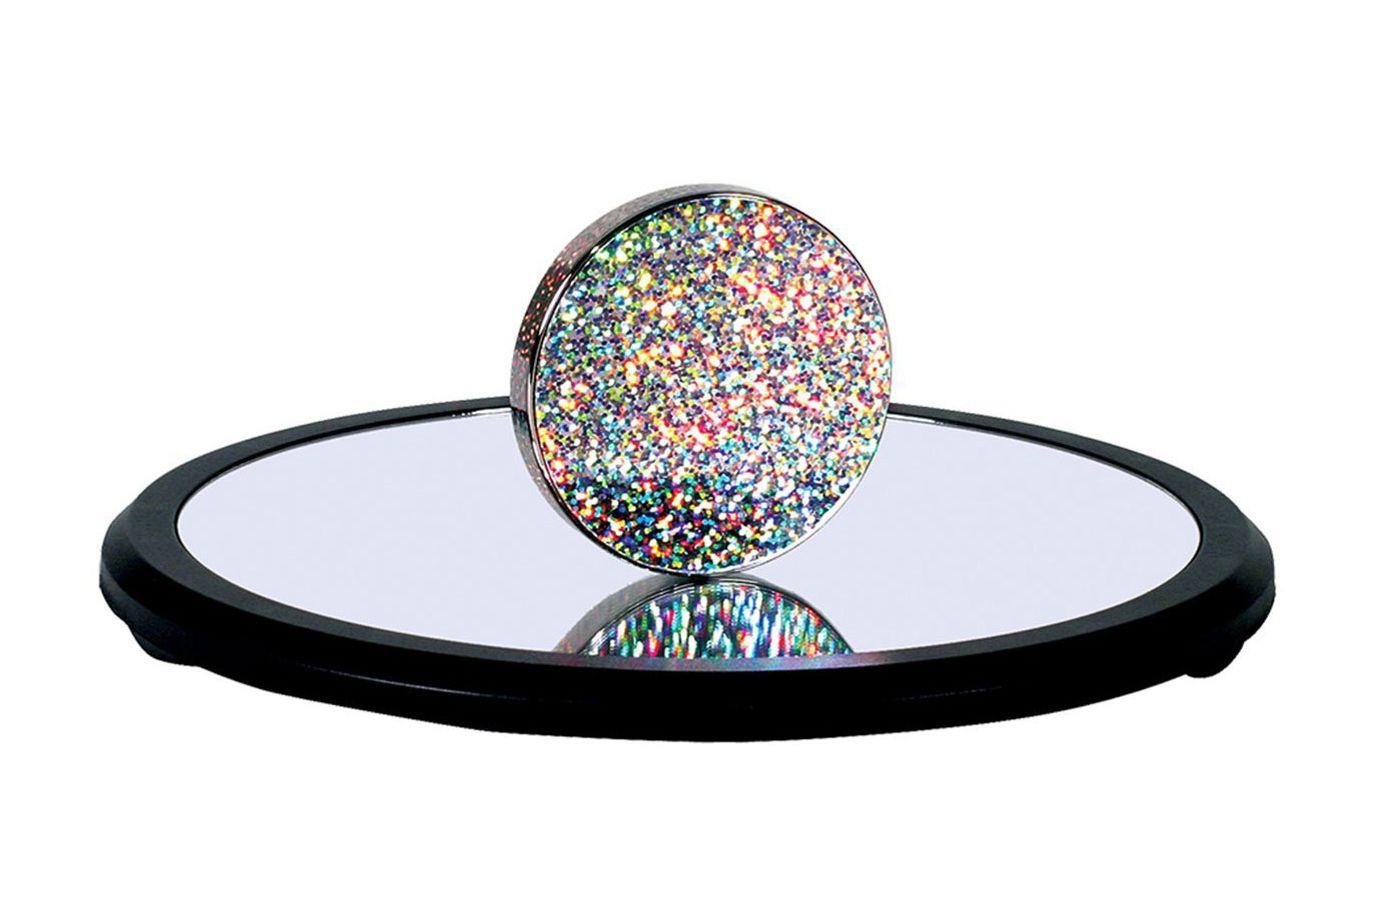 Euler's Disk Toy